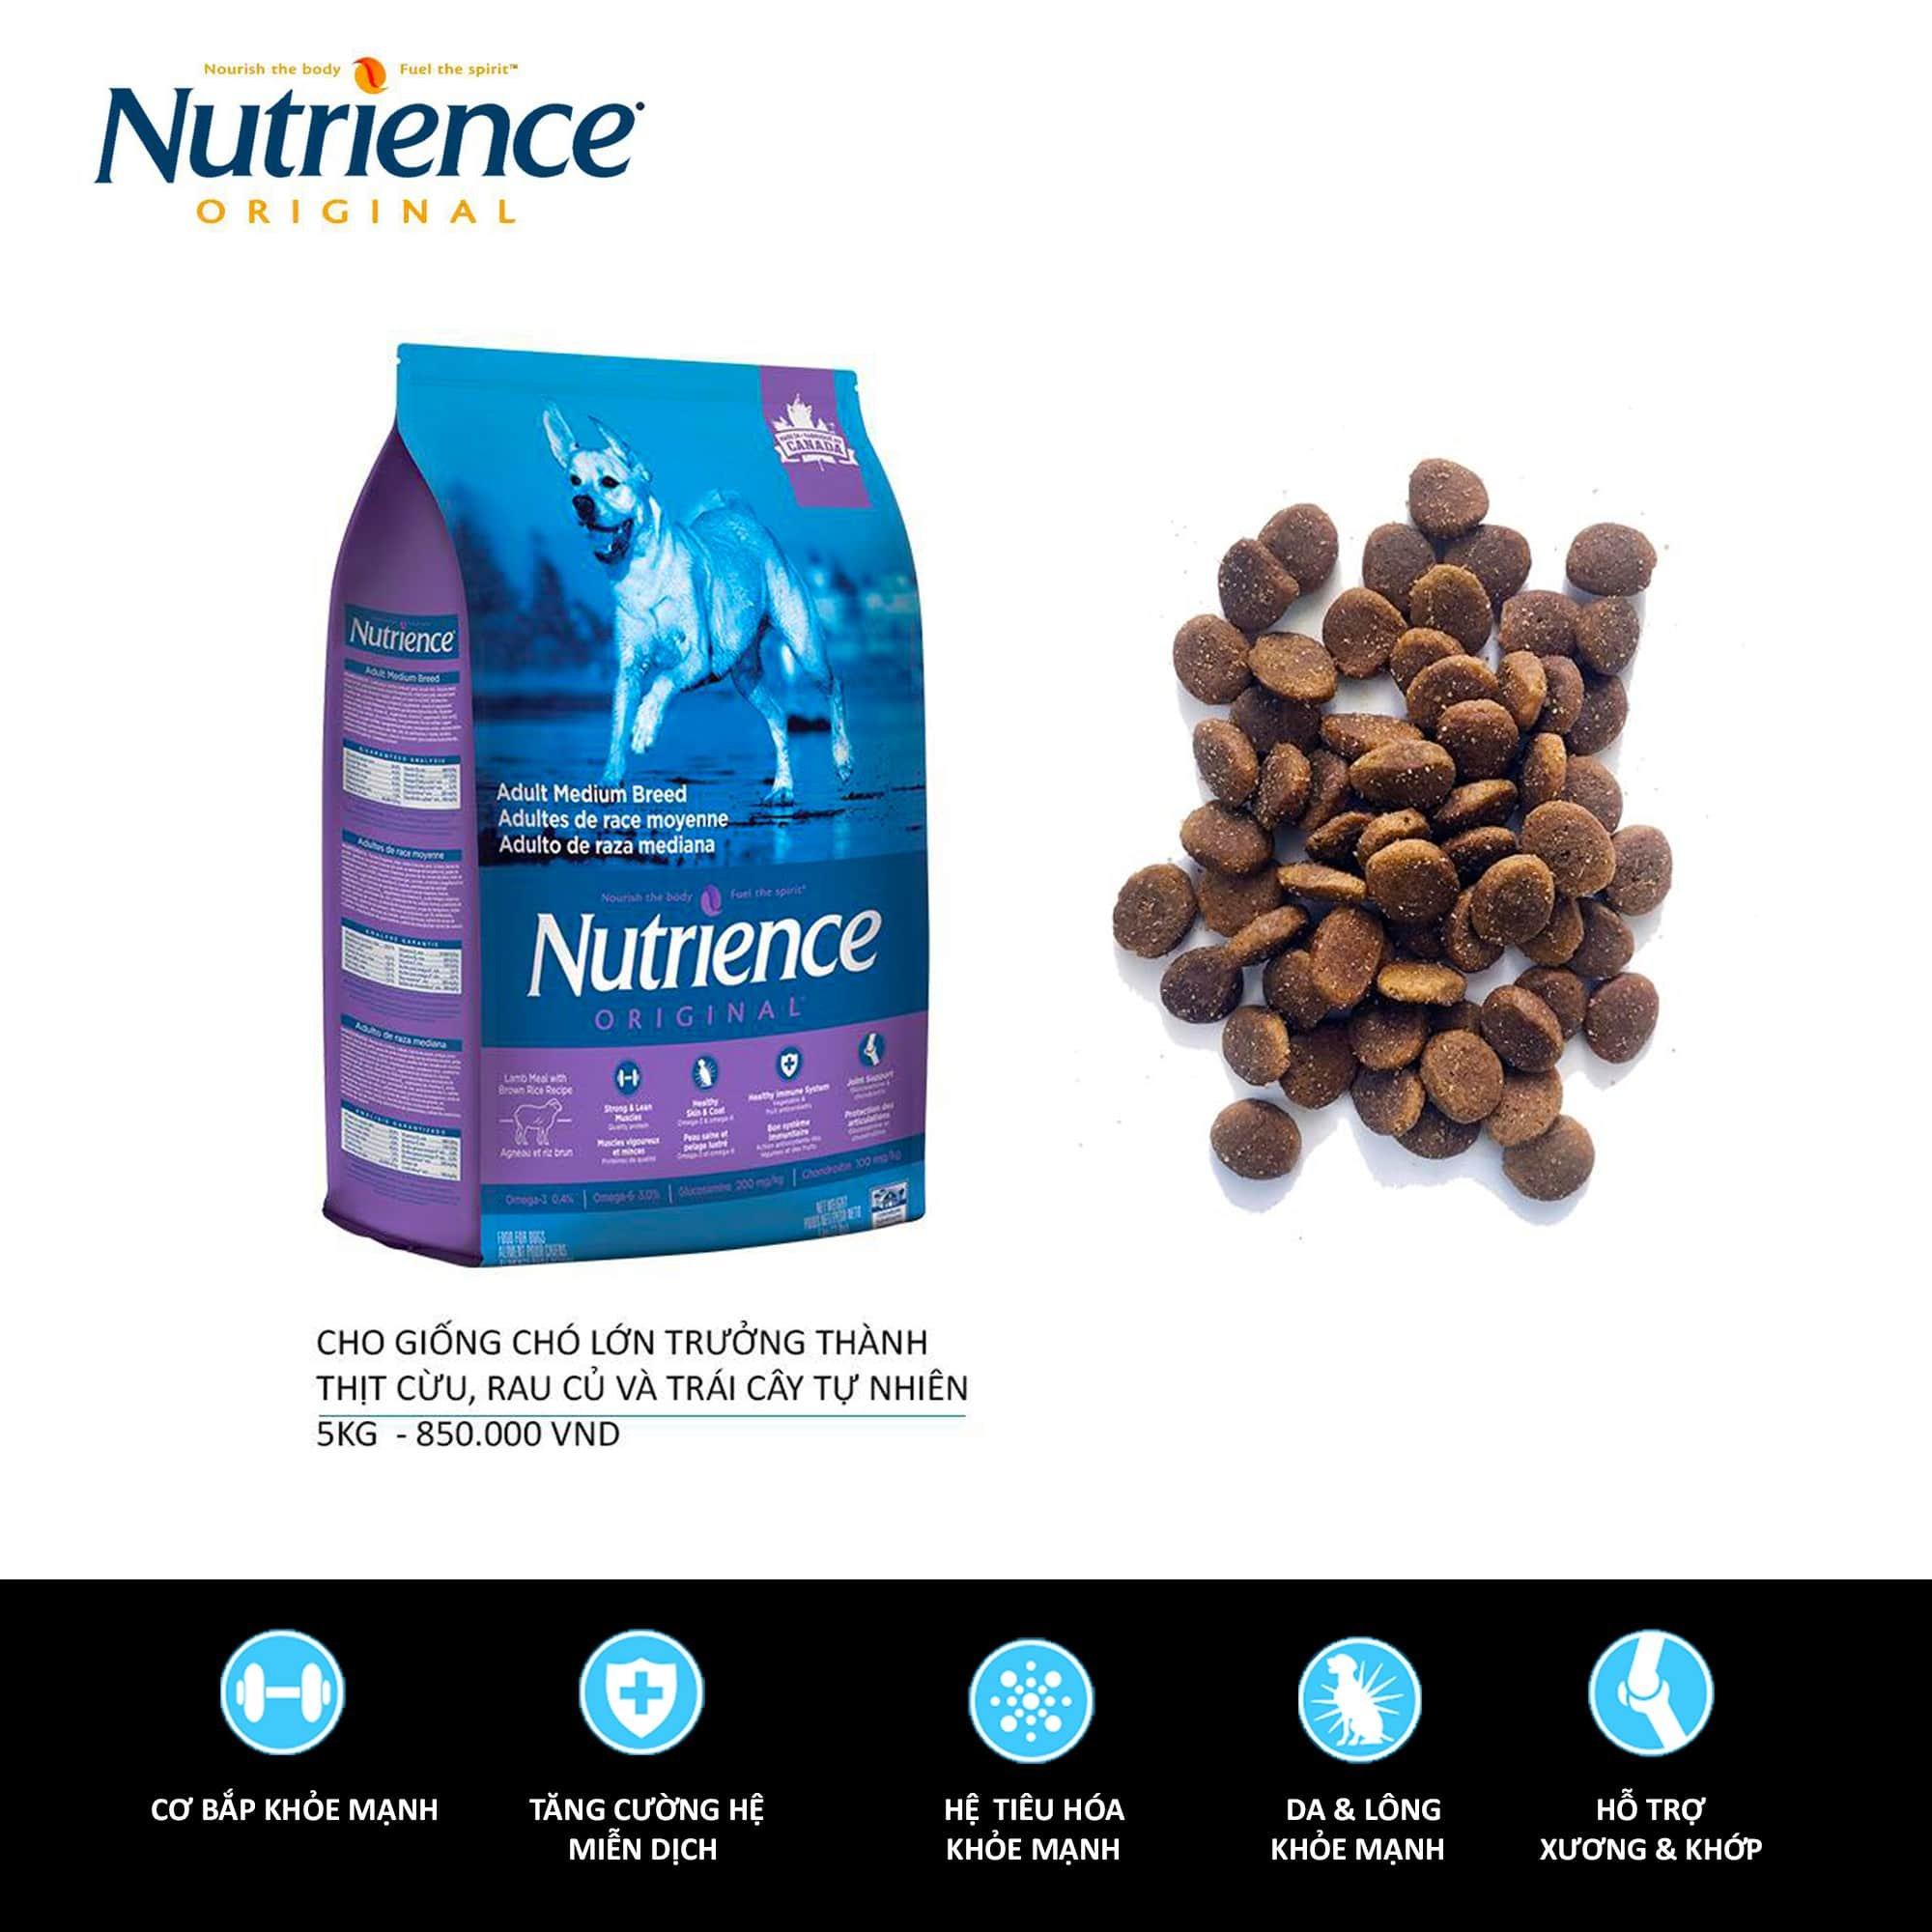 Nutrience ORIGINAL cho Cún size lớn (Trên 6 Tháng Tuổi) Thịt Cừu, Rau Củ Và Trái Cây Tự Nhiên 11.5kg